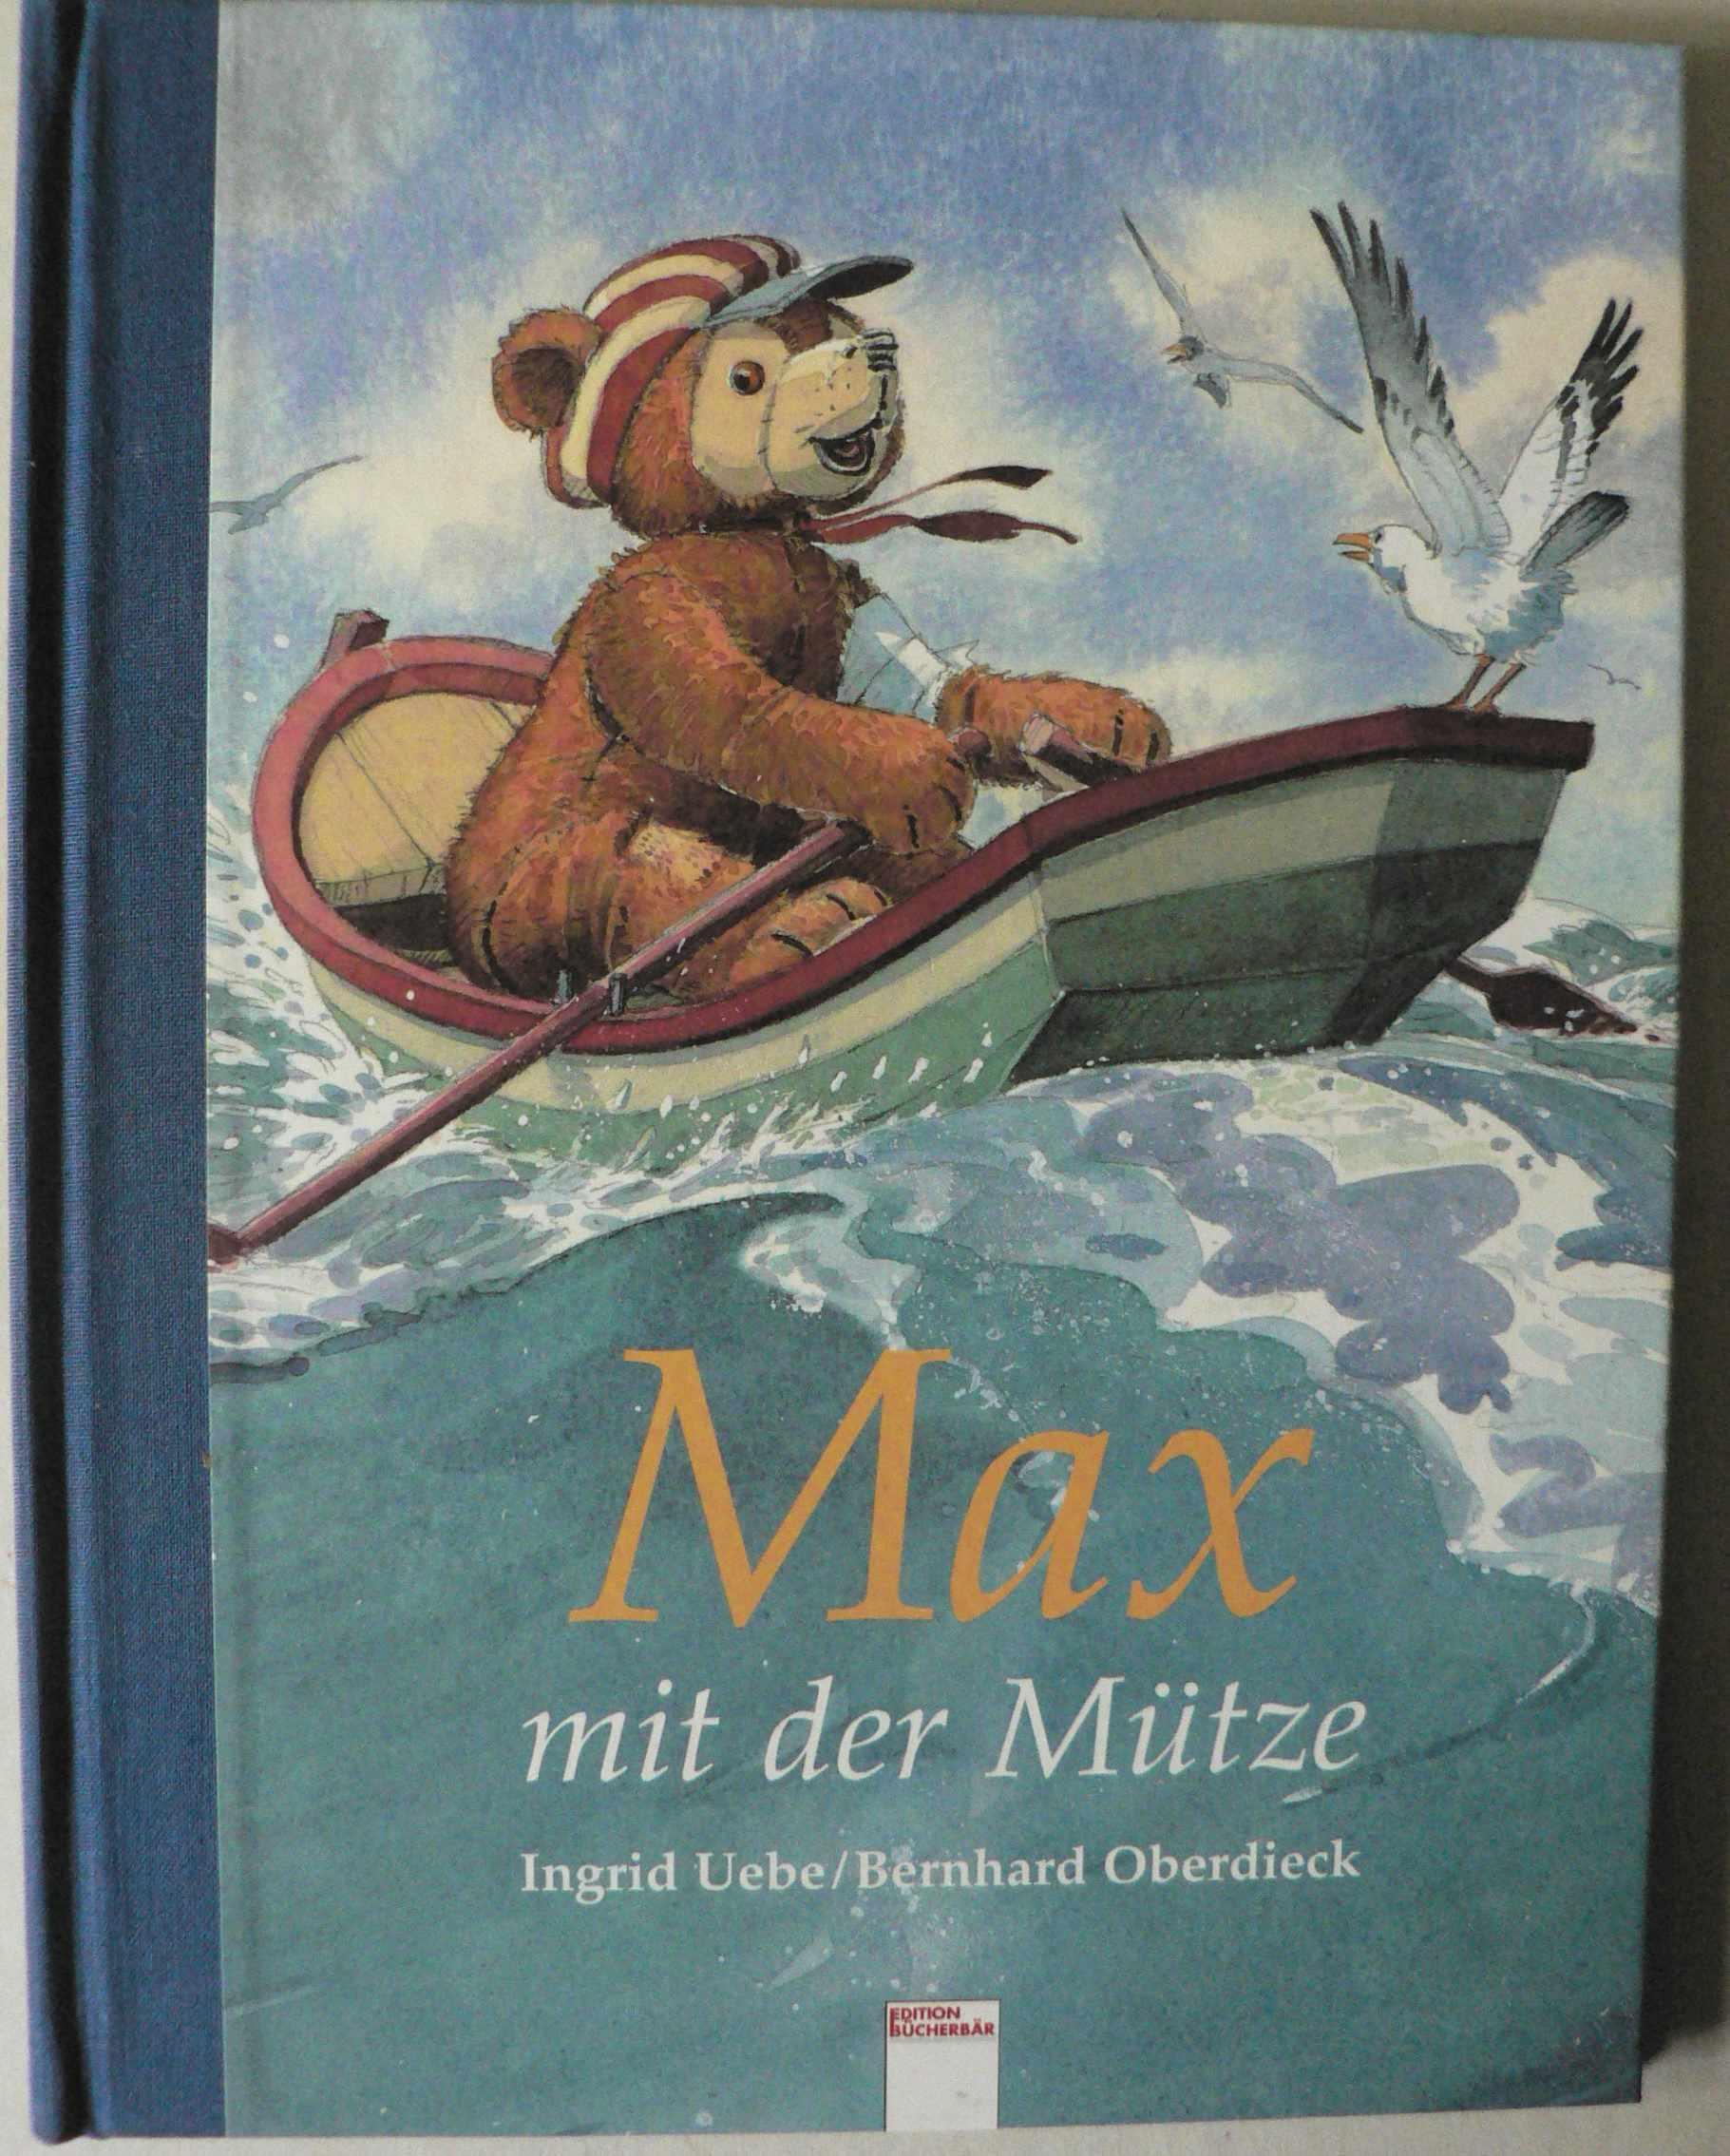 Uebe, Ingrid/Oberdieck, Bernhard Max mit der Mütze 1. Auflage